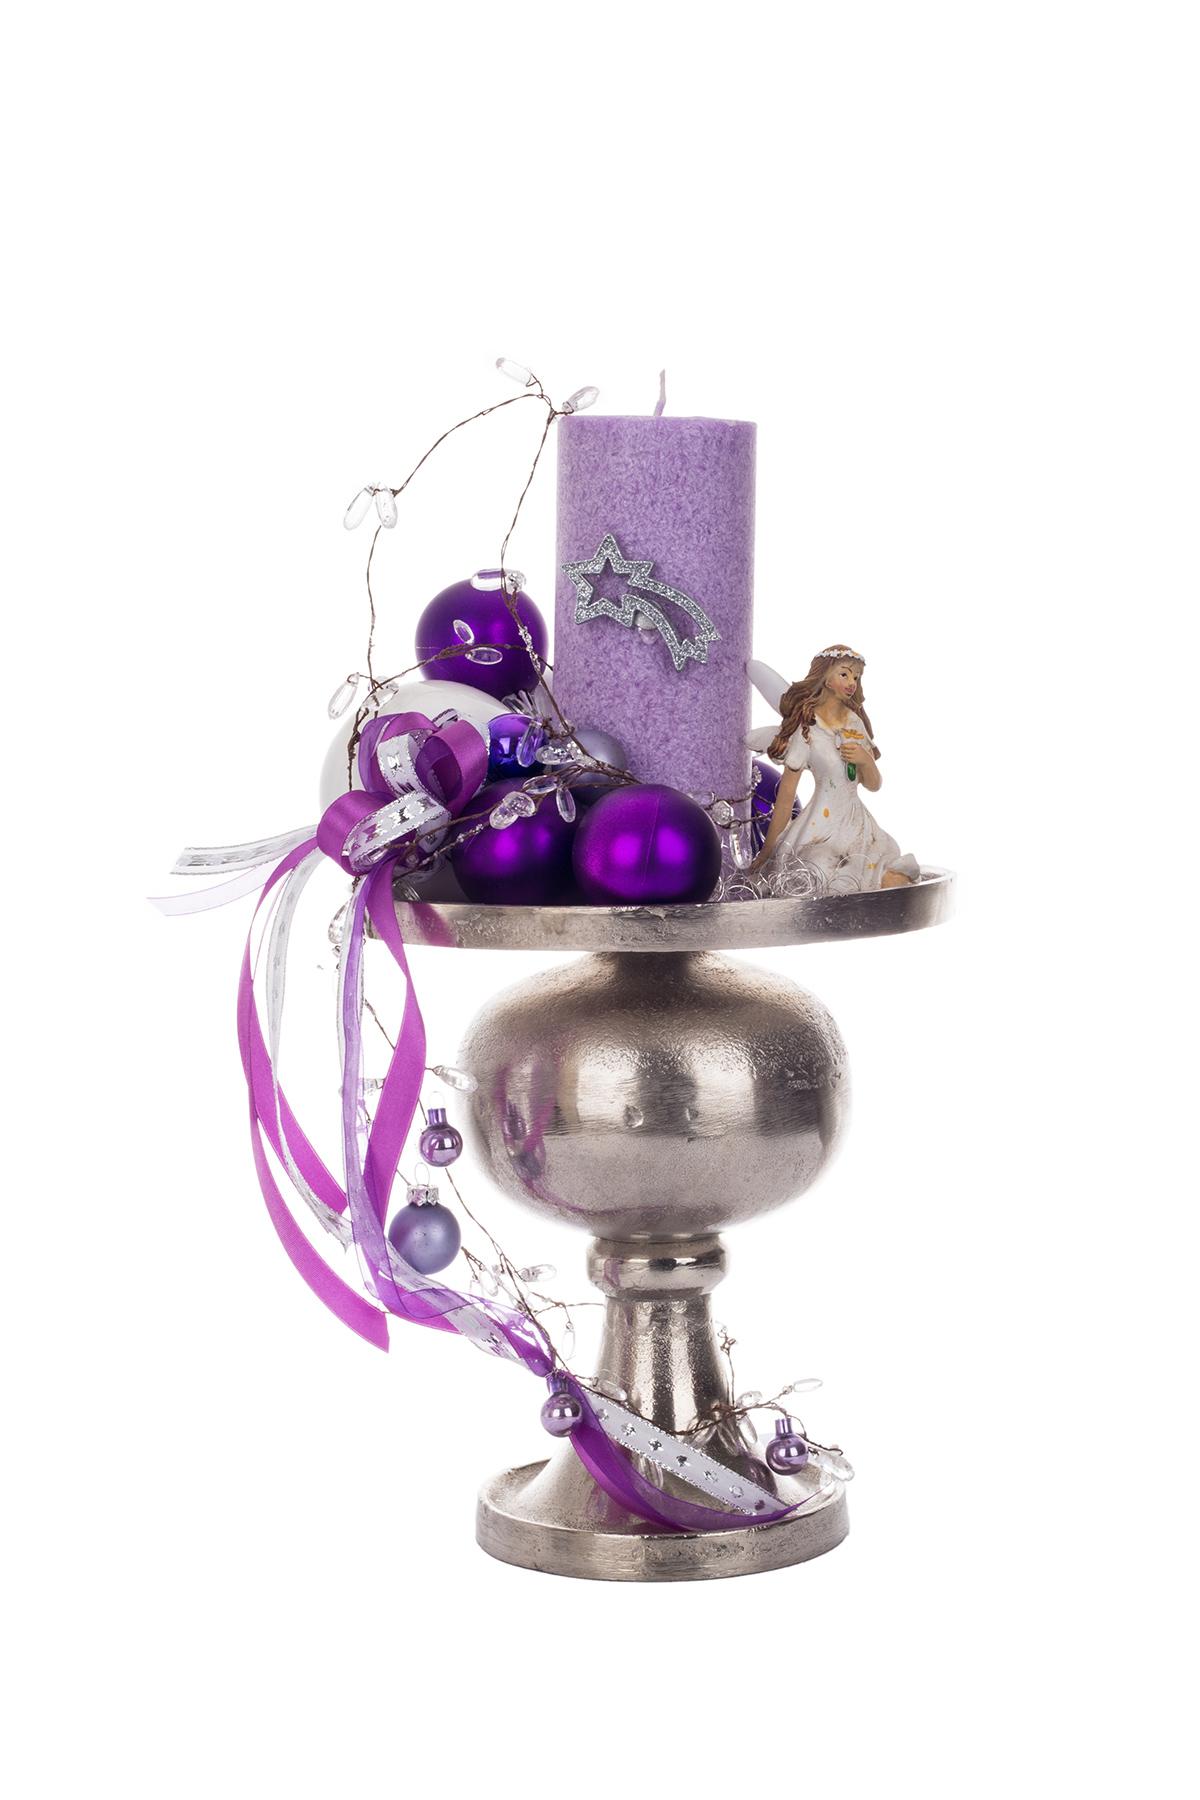 zdjecia produktowe bielsko 8 Fotografia produktowa   ozdoby świąteczne